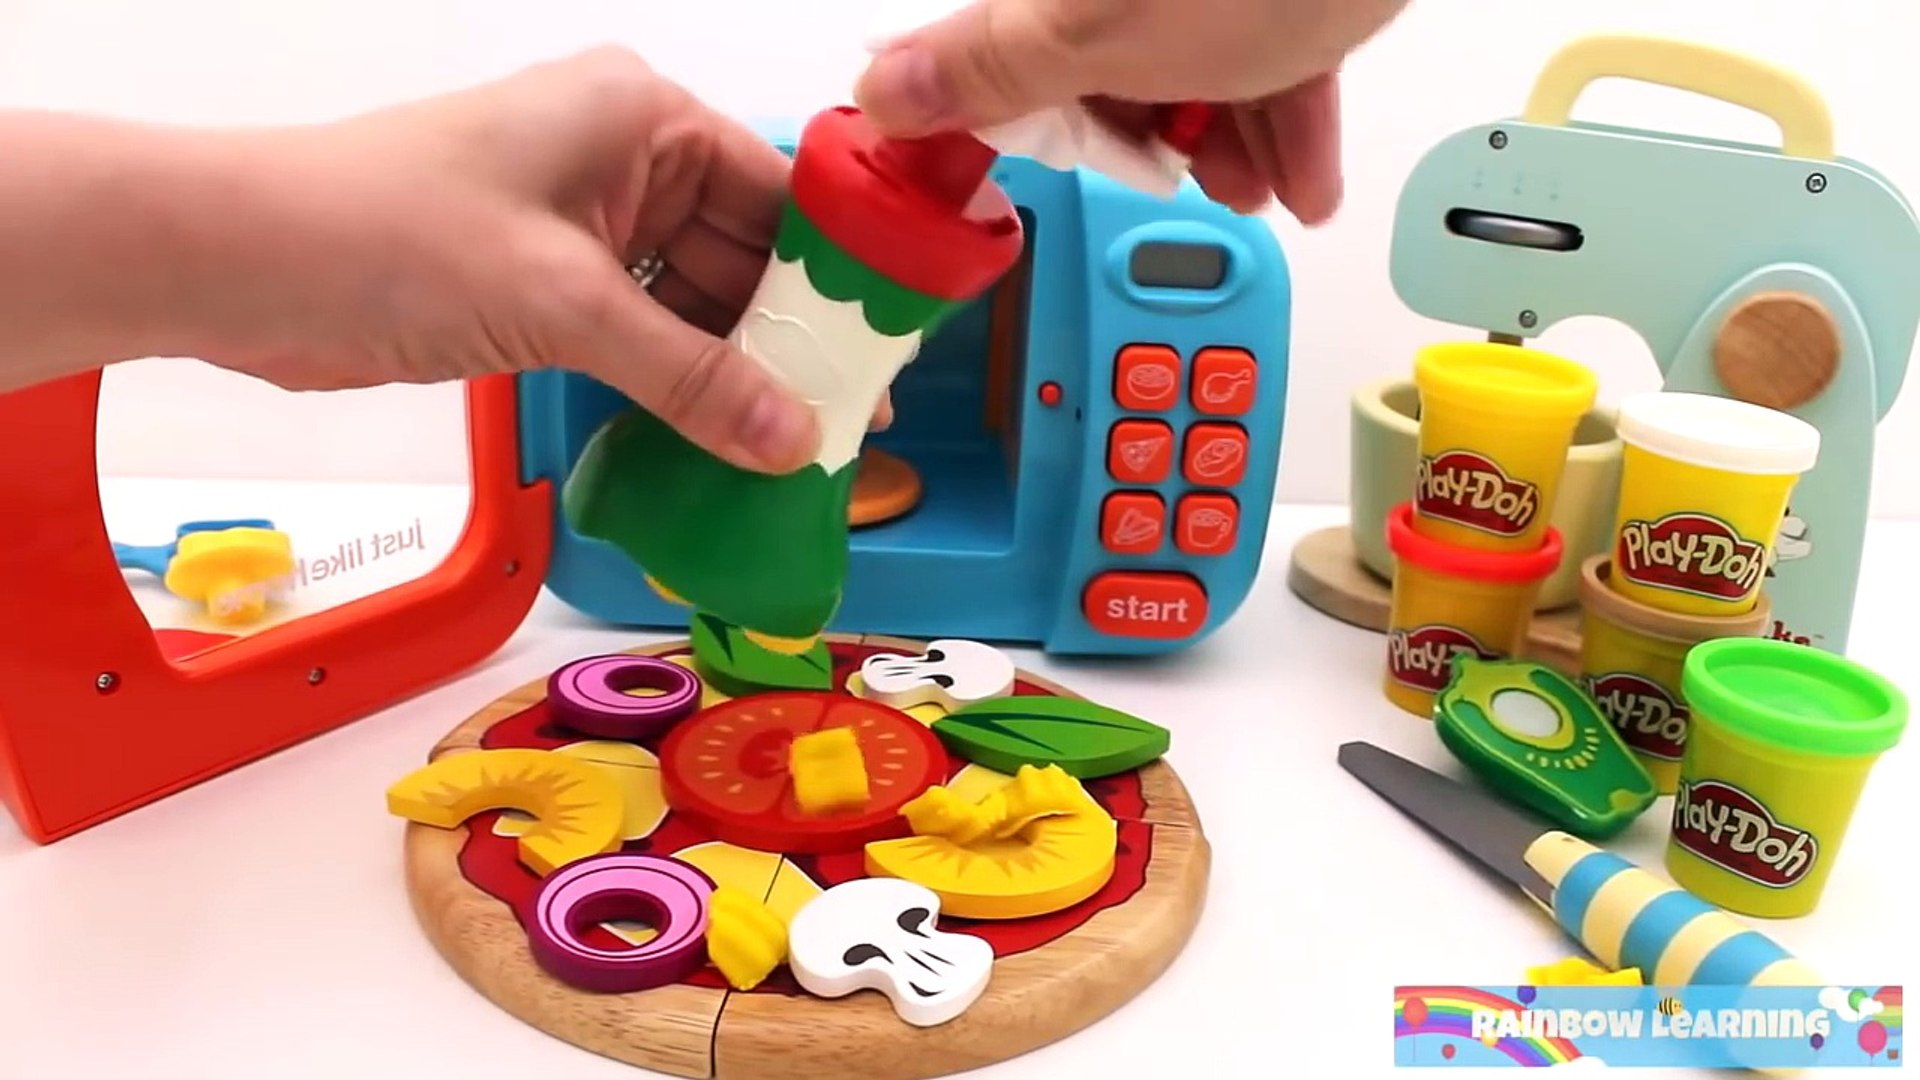 Комп комп комп крем резка английский фрукты полный лед Узнайте имен пицца Р.Л. игрушка Игрушки овощи